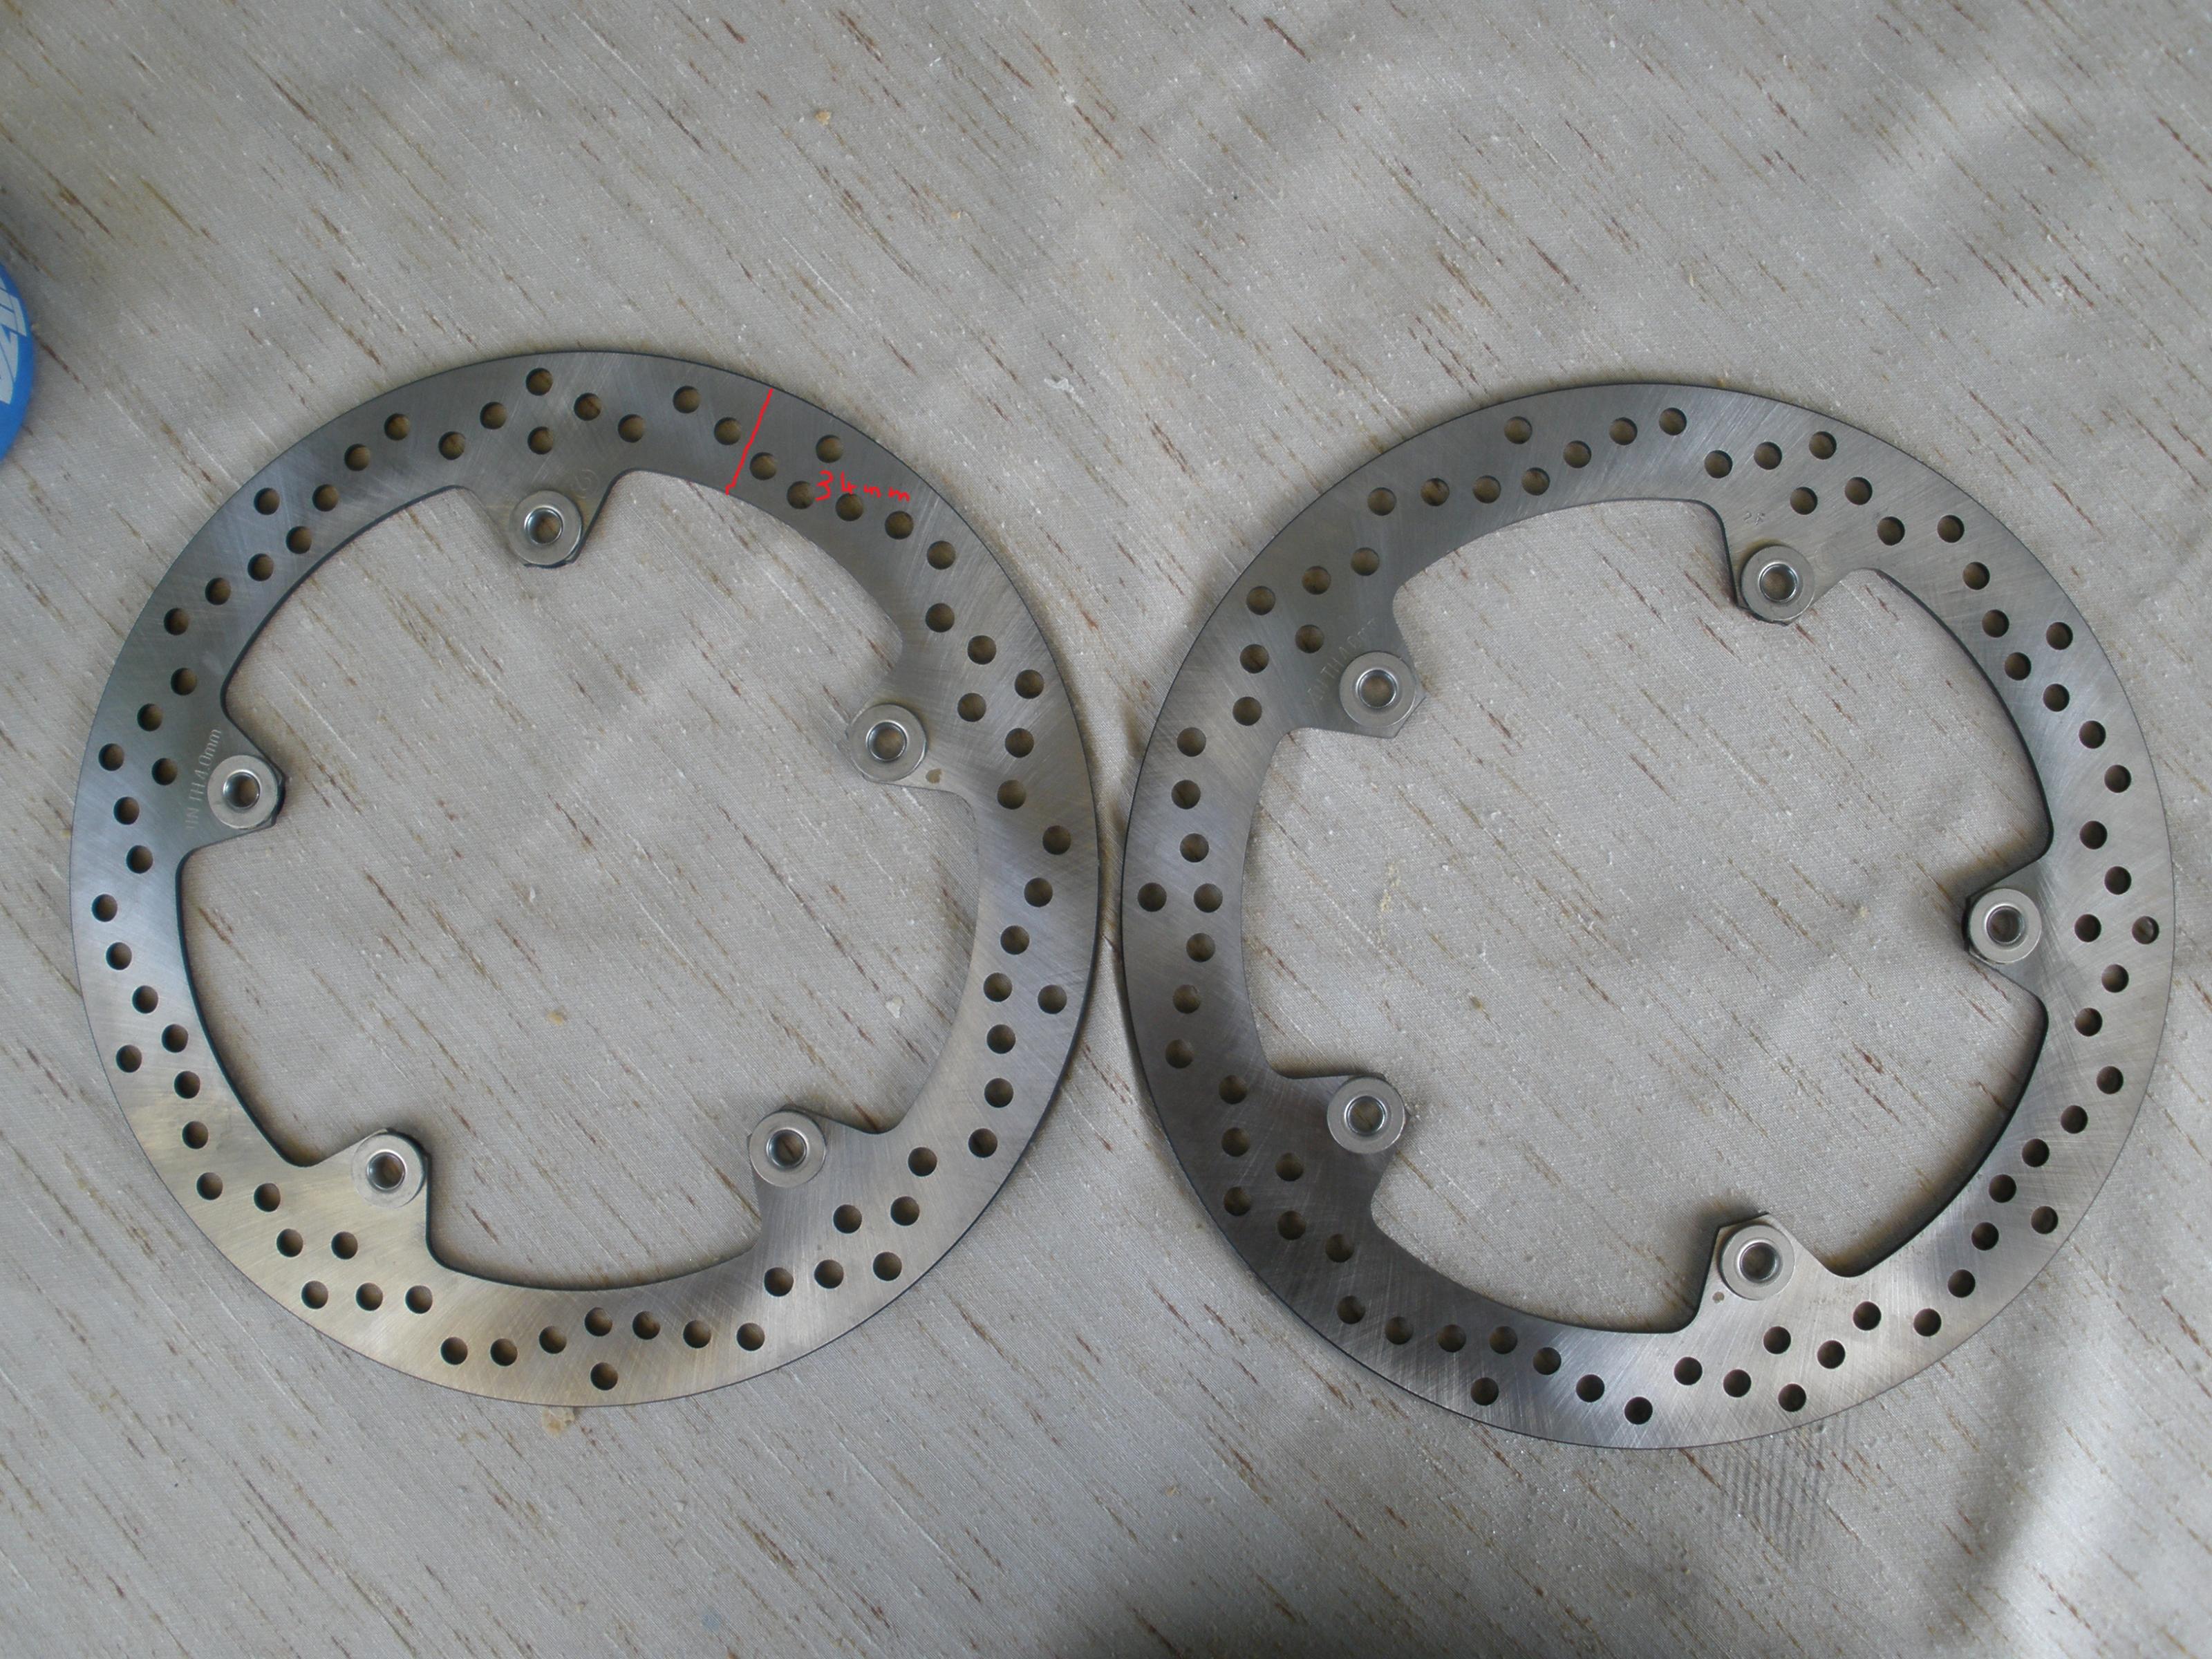 r1200gs-bremsscheiben-2.jpg